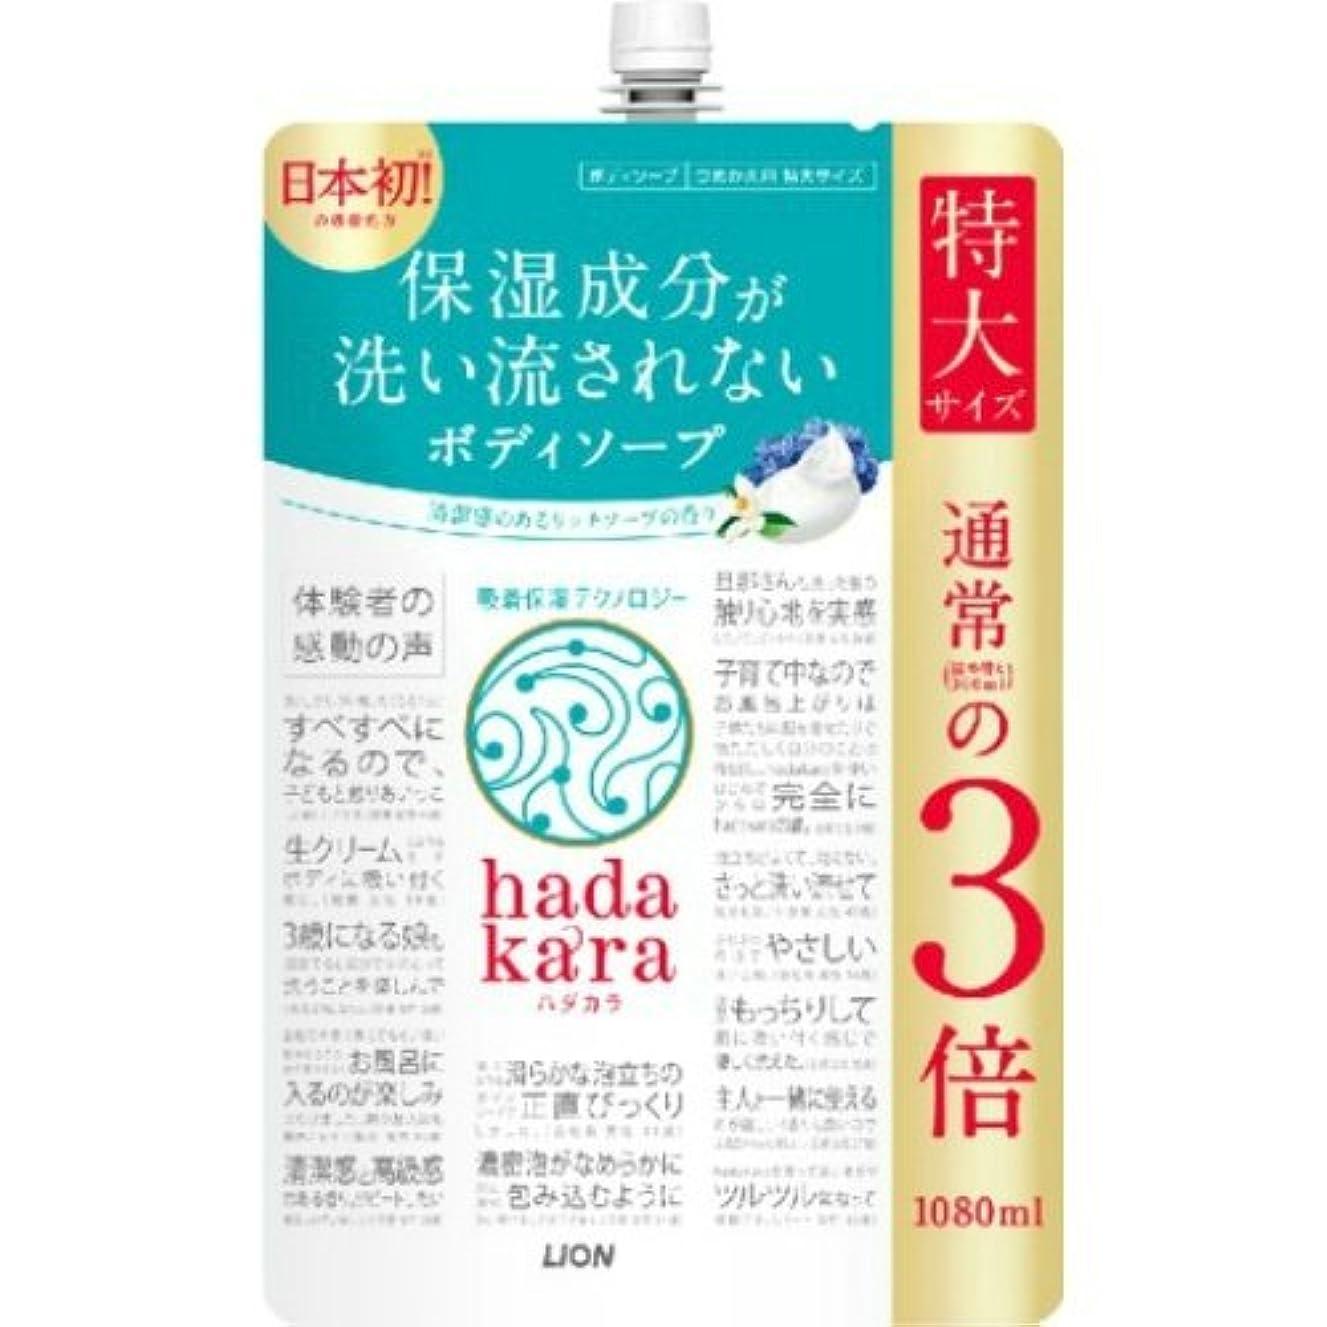 逆さまに色合いいとこLION ライオン hadakara ハダカラ ボディソープ リッチソープの香り つめかえ用 特大サイズ 1080ml ×3点セット(4903301260882)